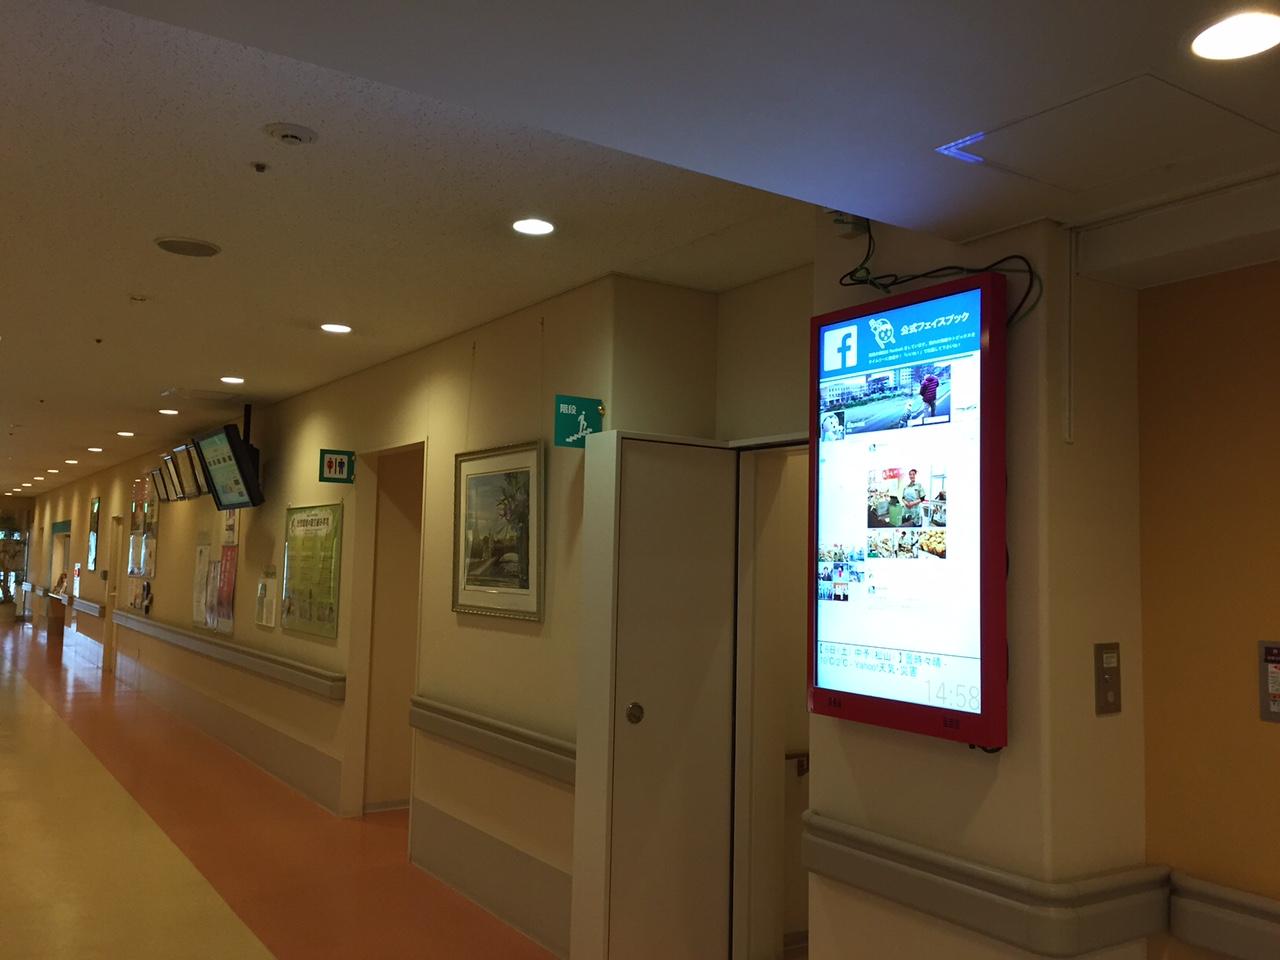 導入事例 デジタルサイネージ 47インチ 壁掛け 病院設置 事例